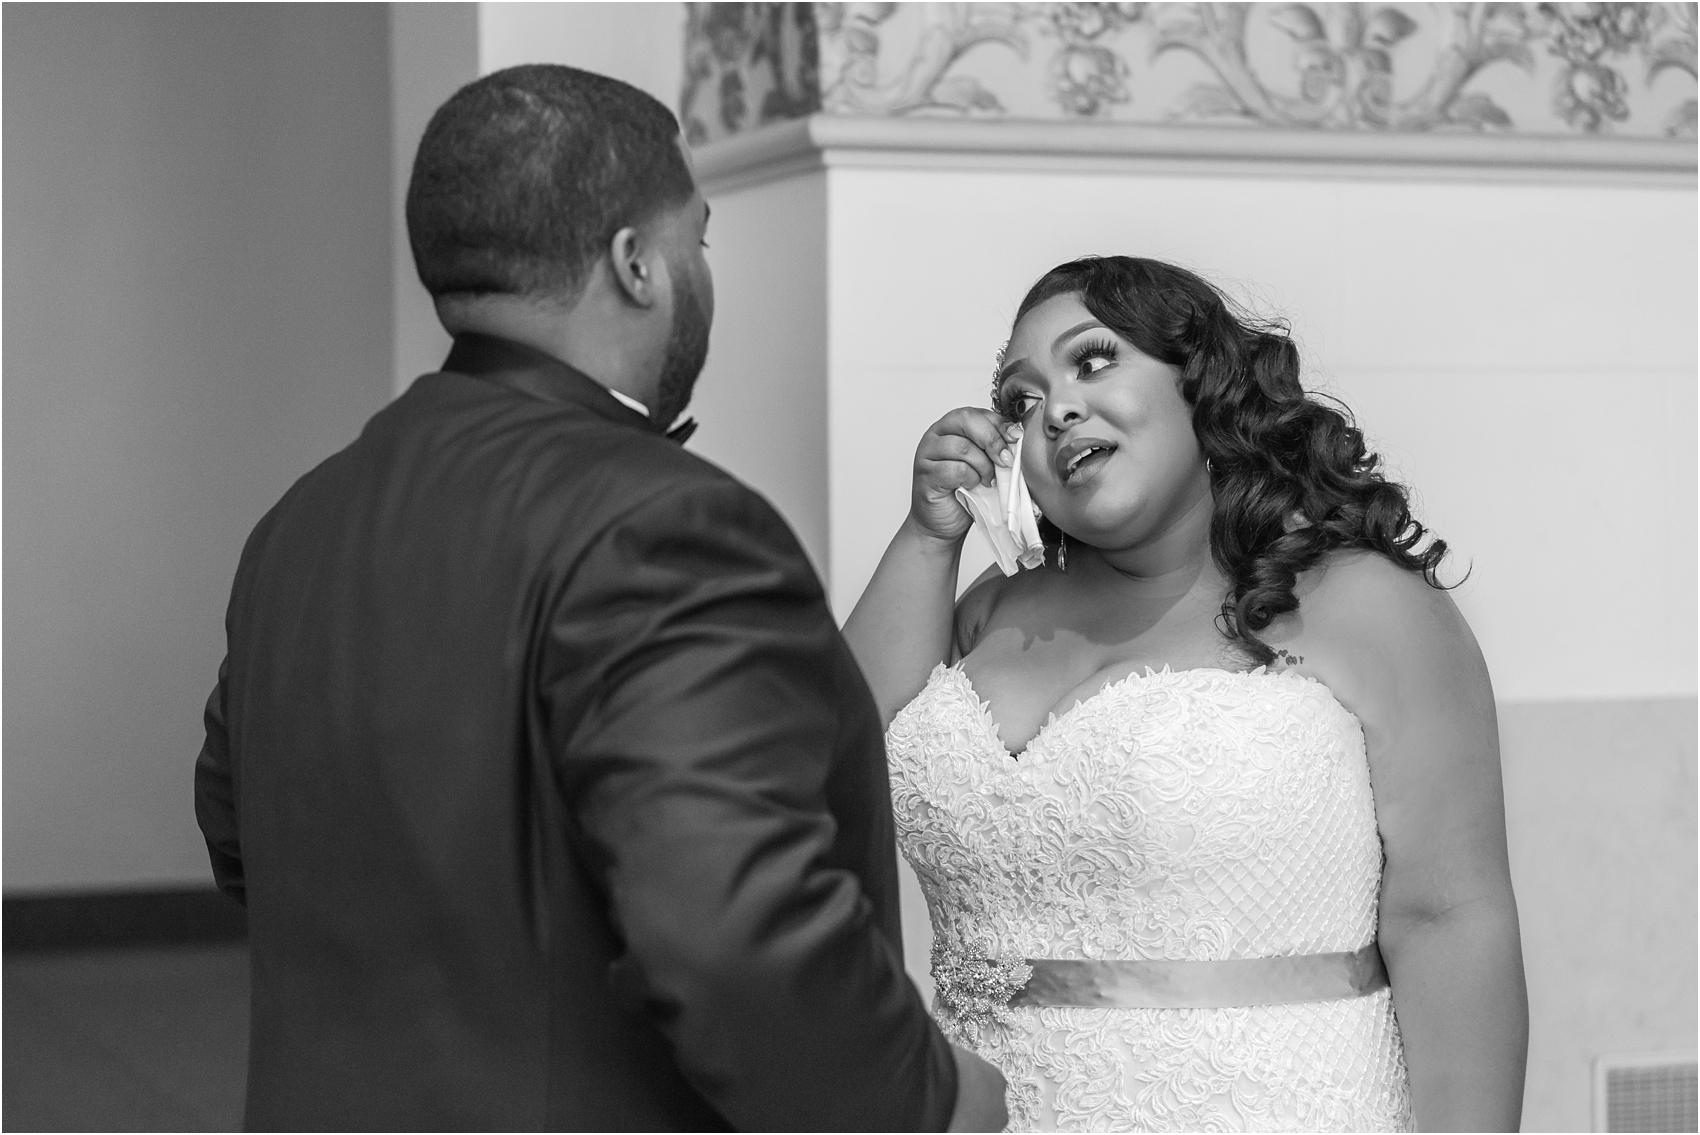 minimalist-and-modern-wedding-photos-at-30-north-saginaw-in-pontiac-michigan-by-courtney-carolyn-photography_0013.jpg